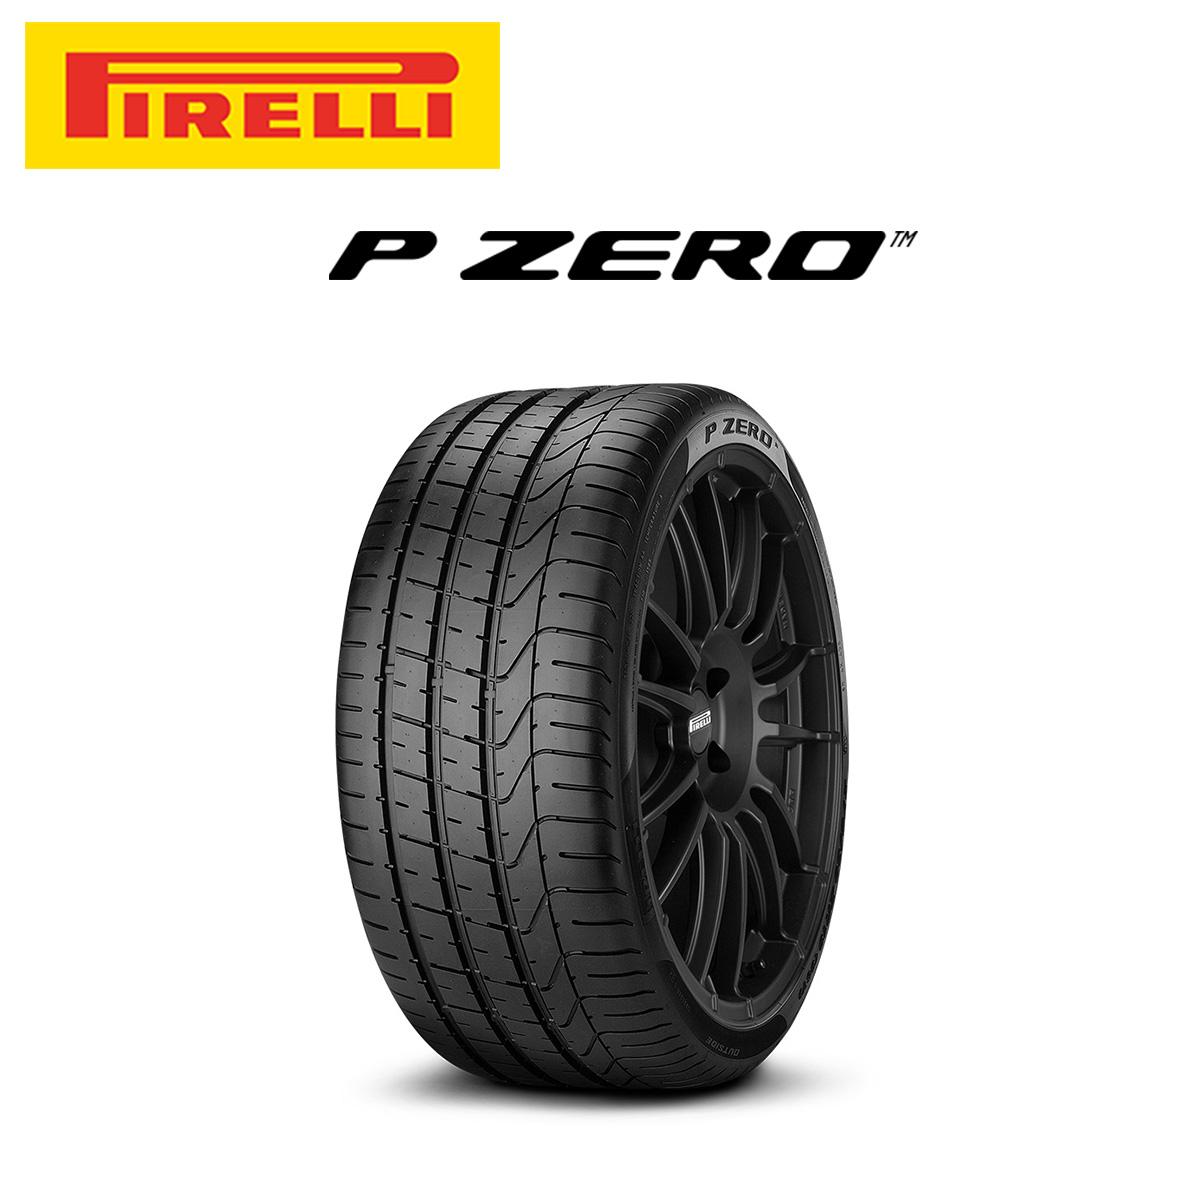 ピレリ PIRELLI P ZERO ピーゼロ 21インチ サマー タイヤ 4本 セット 265/40R21 101Y N0:ポルシェ承認タイヤ 2205800